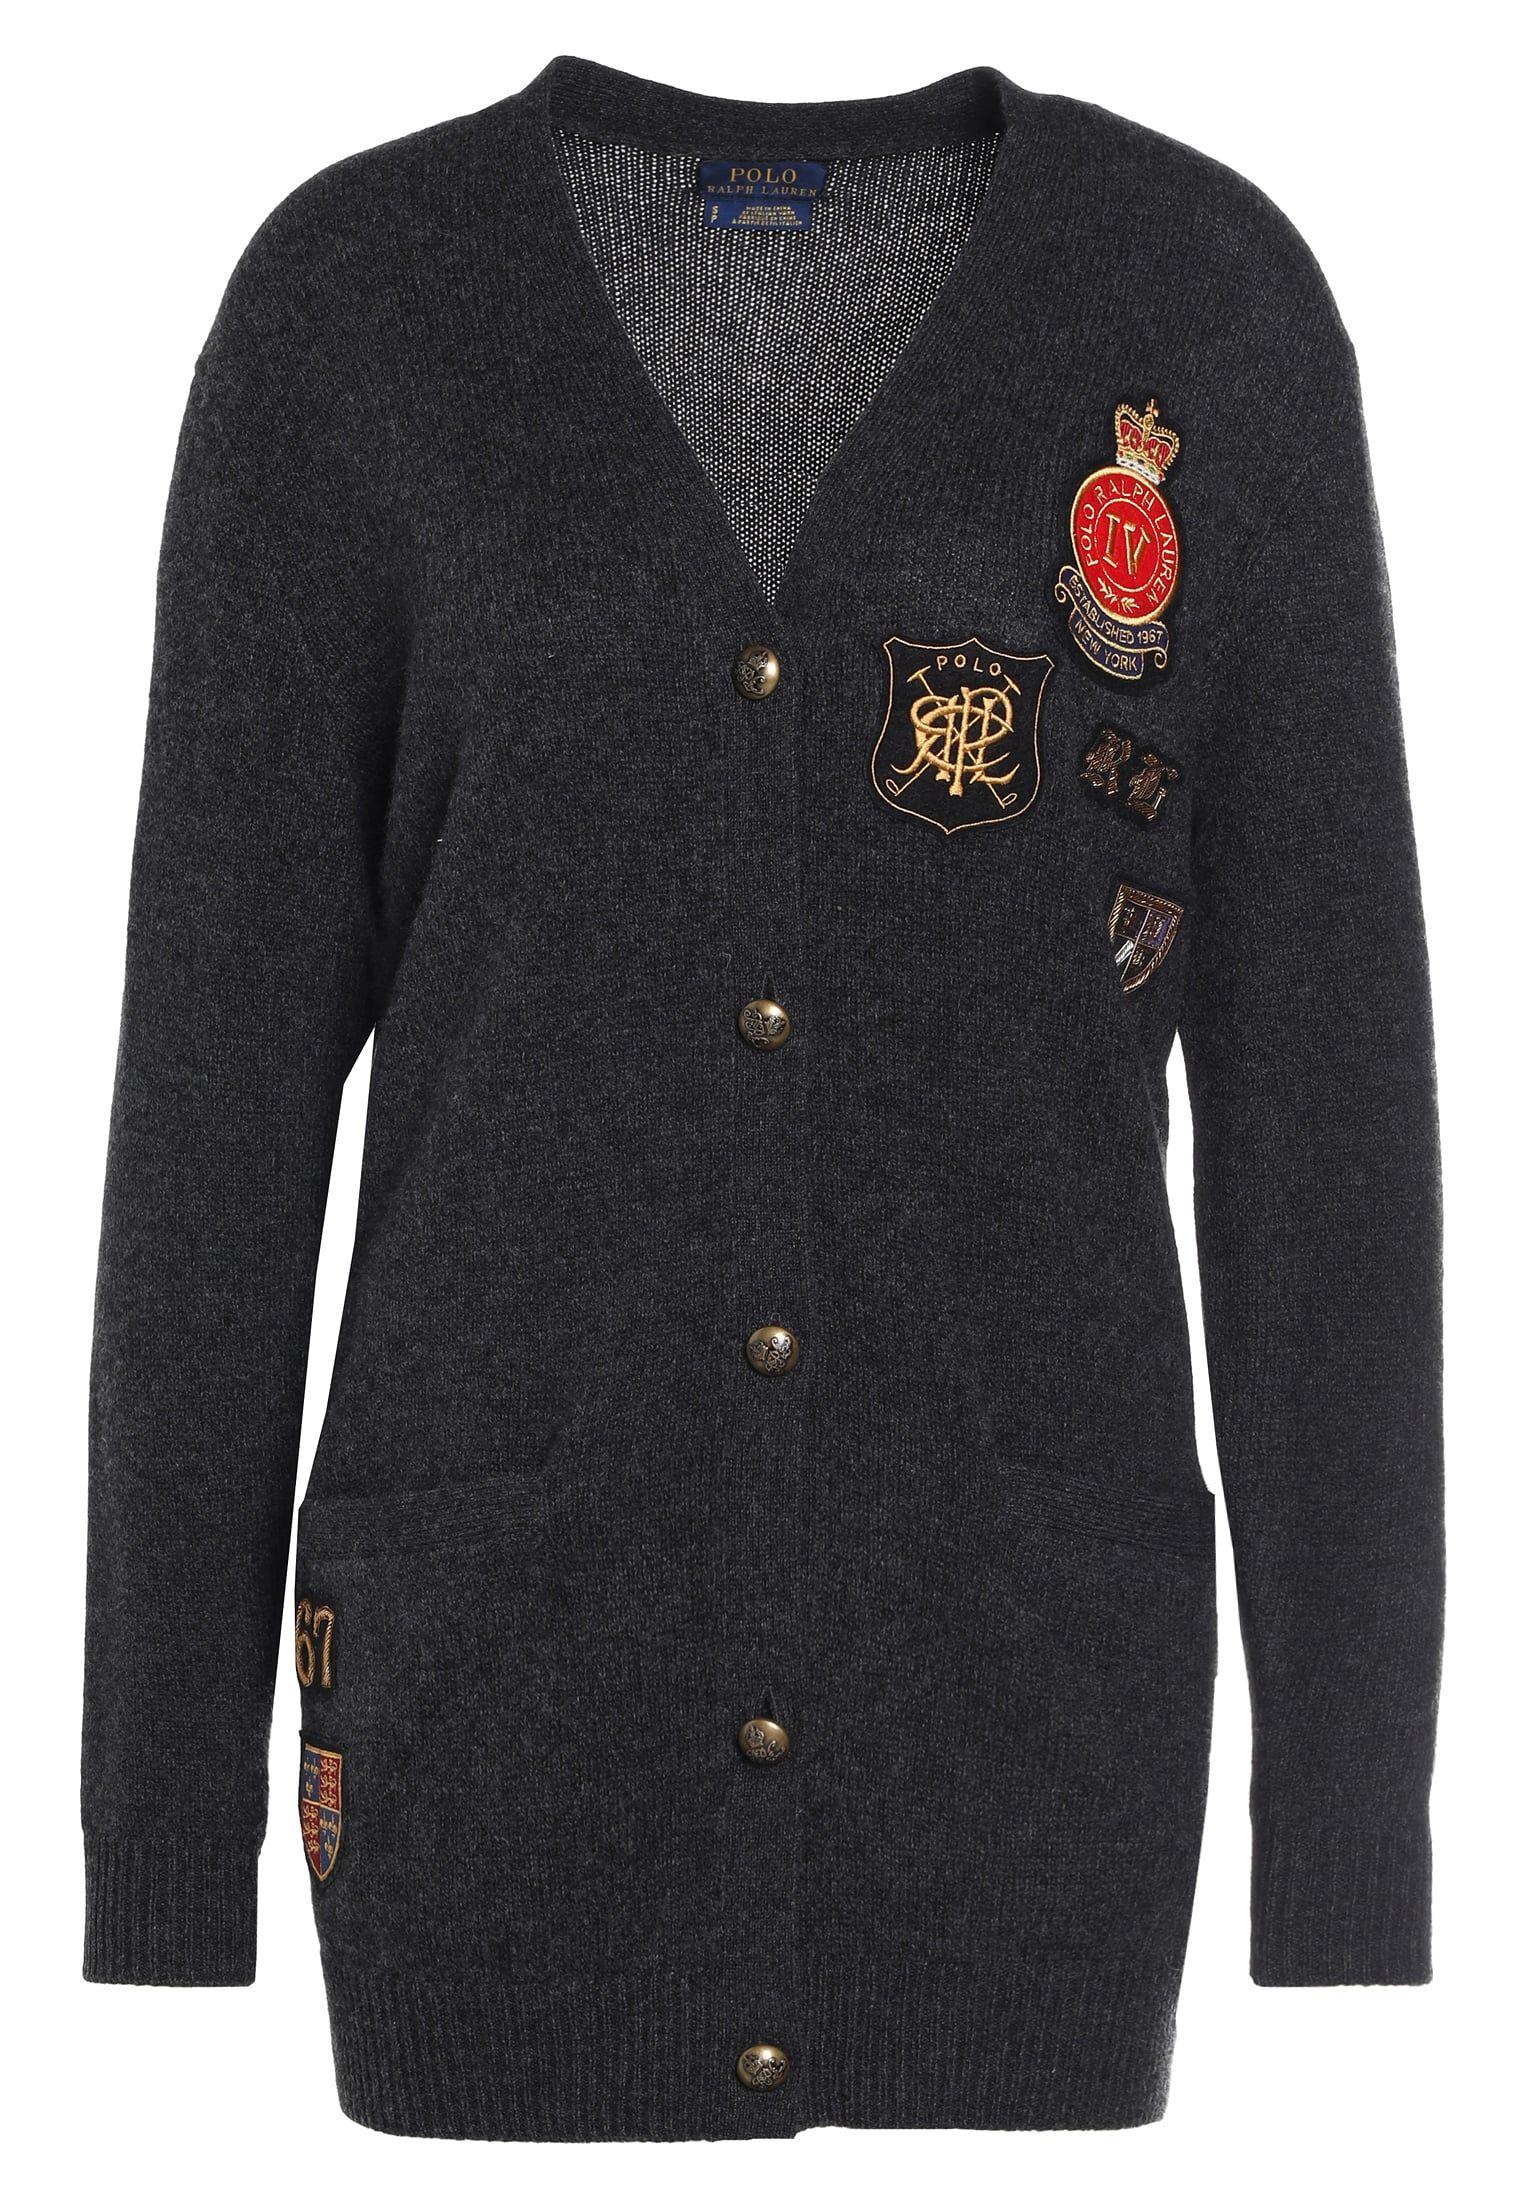 001f7395c7707 Vêtements Polo Ralph Lauren Gilet - granite heather gris foncé chiné   499,95 €